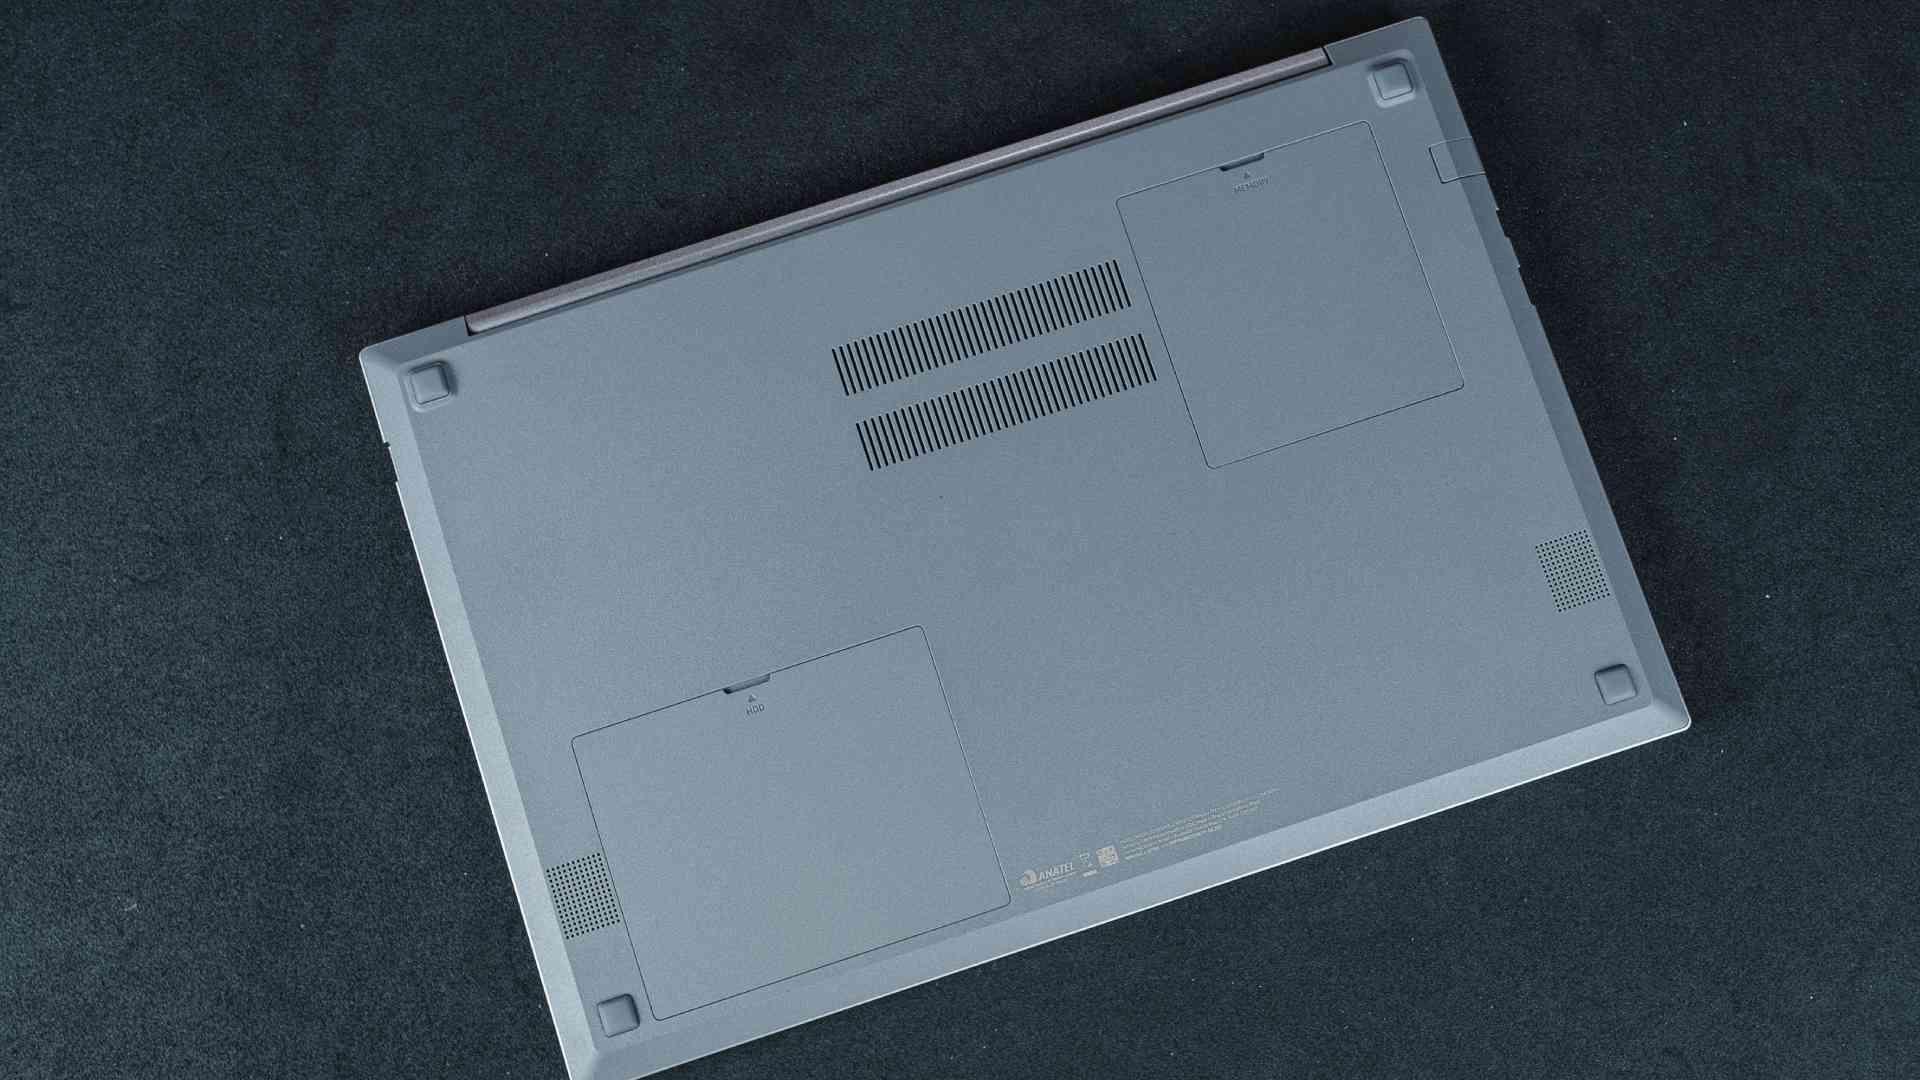 Portas traseiras do notebook Samsung Book X50